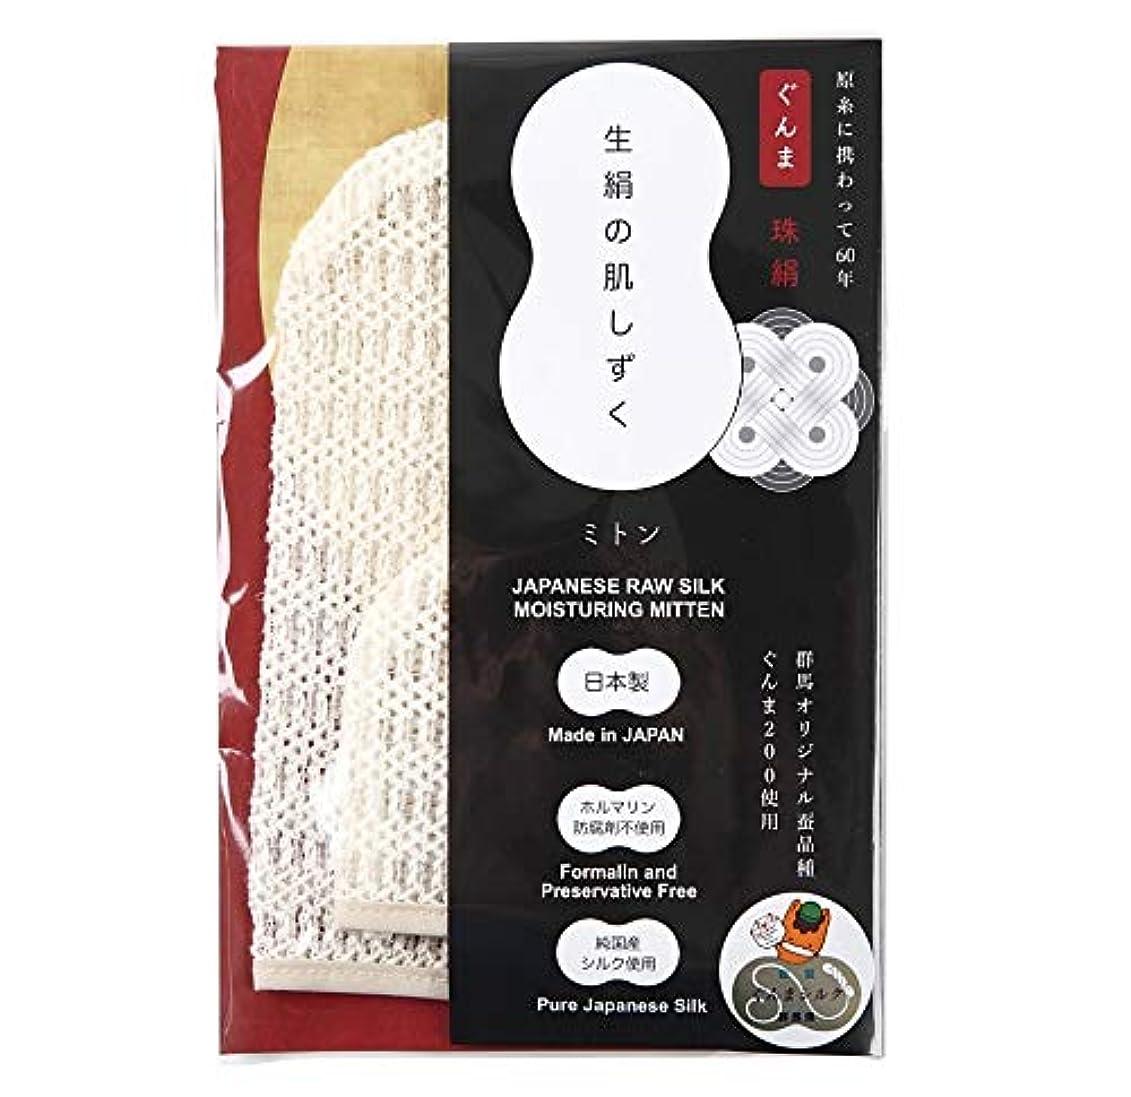 地図コンバーチブルホールドくーる&ほっと ネットロウシルクミトン 純国産生絹100%「 珠絹(たまぎぬ) 生絹の肌しずく」 ぐんまシルク 100% (群馬県内で一貫製造) 日本製 シルクプロテイン?セリシンそのまま たっぷり 大小セット ネットロウミトン